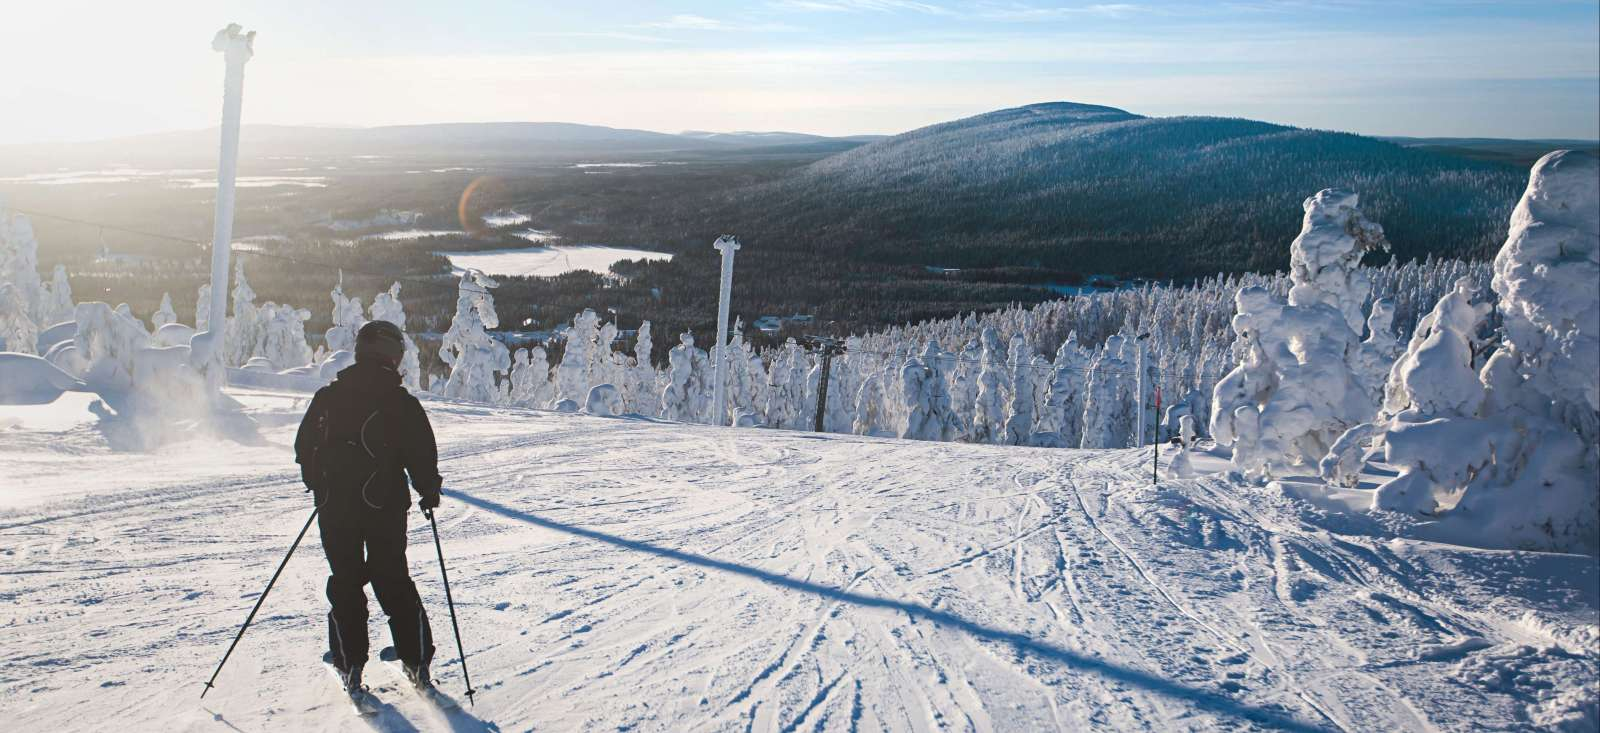 Voyage à la neige : Ski nordique et pulka en Laponie finlandaise